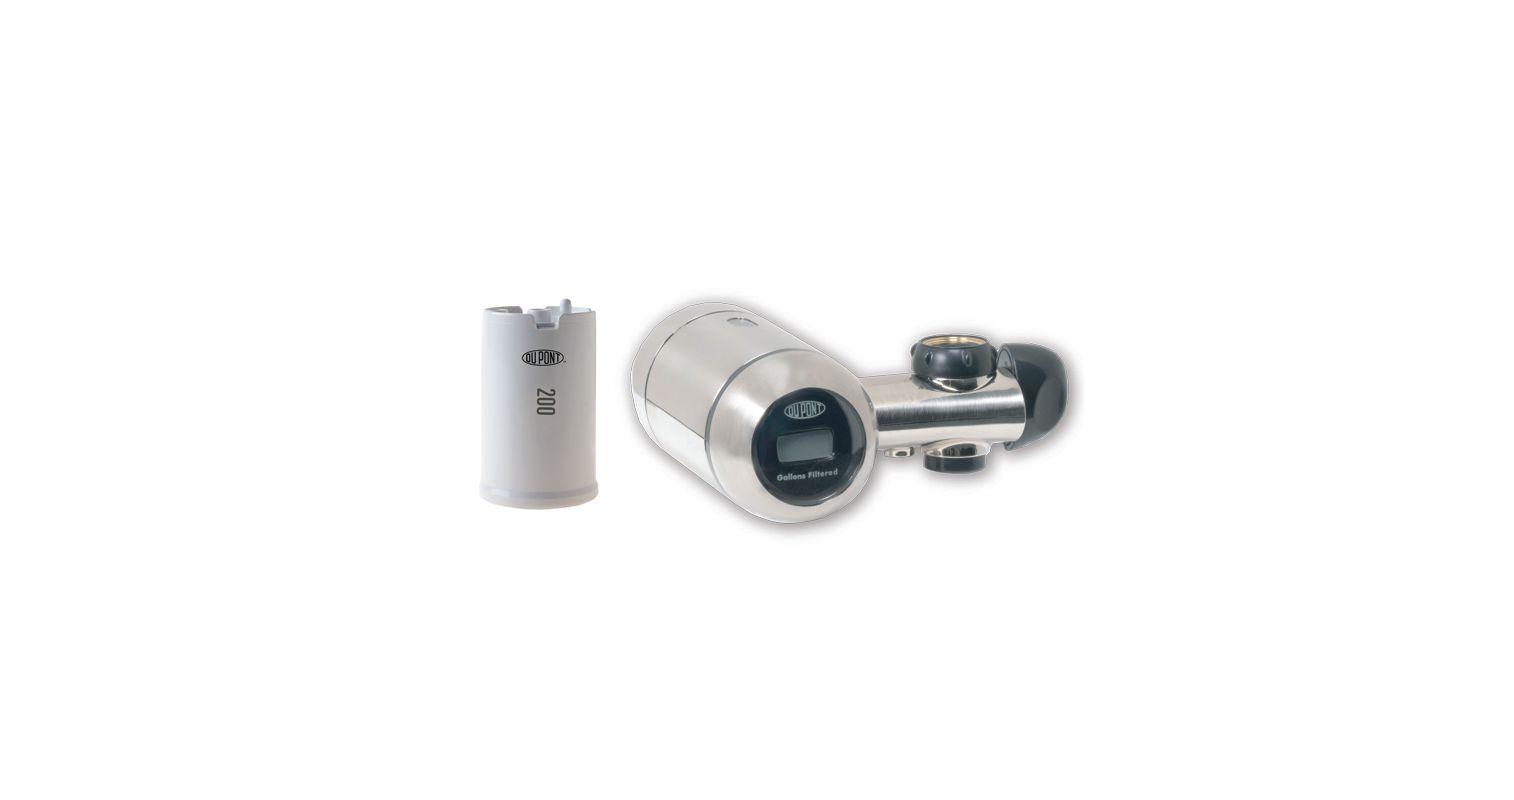 Dupont Faucet Mount Filters UPC & Barcode | upcitemdb.com